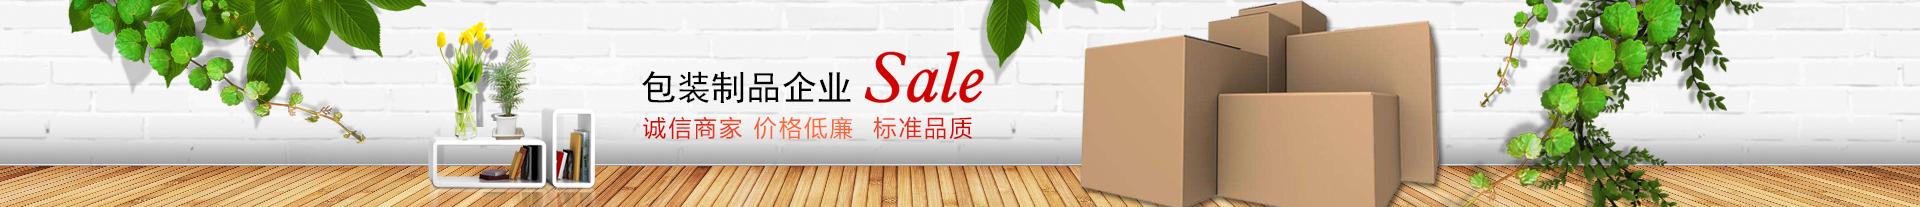 华晨纸业是一家诚信商家,提供价格低廉及标准品质的彩盒纸箱